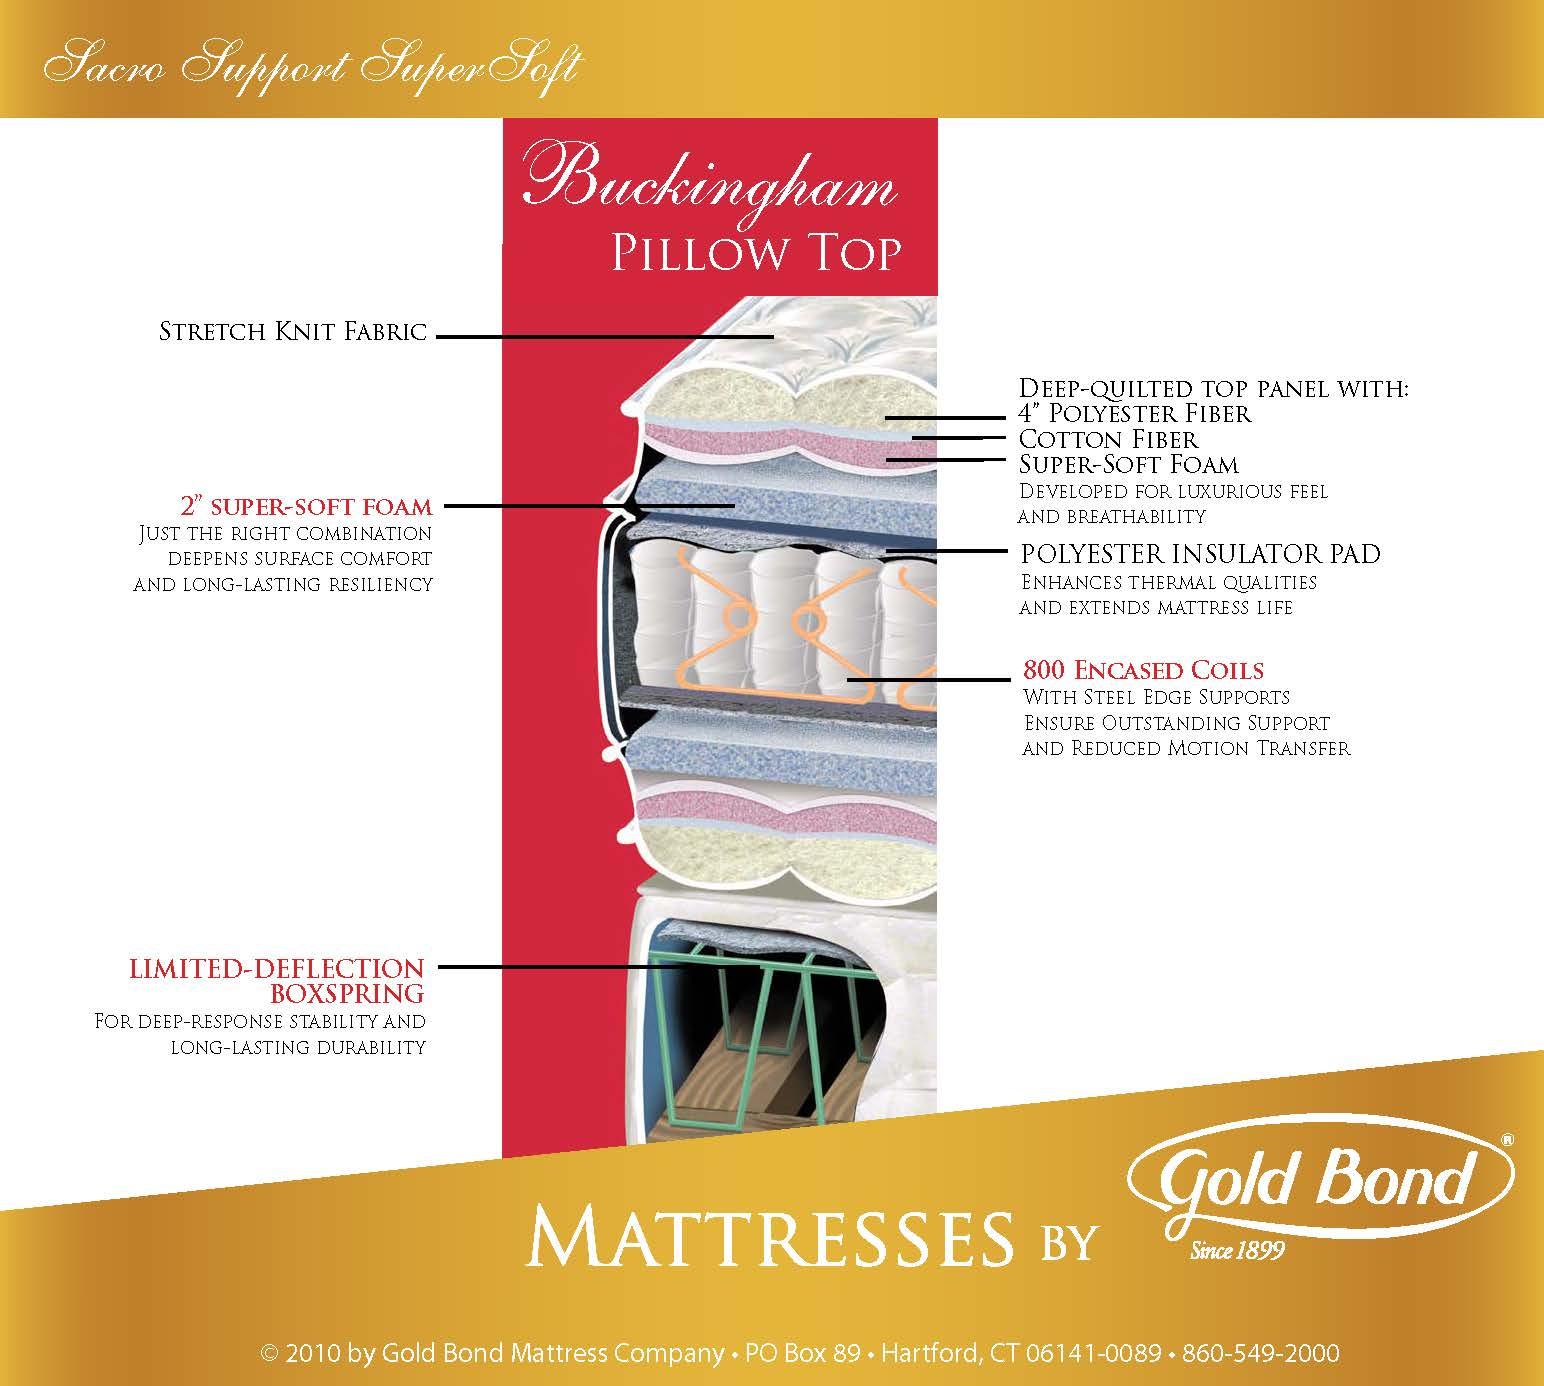 Buckingham Pillow Top The Futon Store and Mattress Center